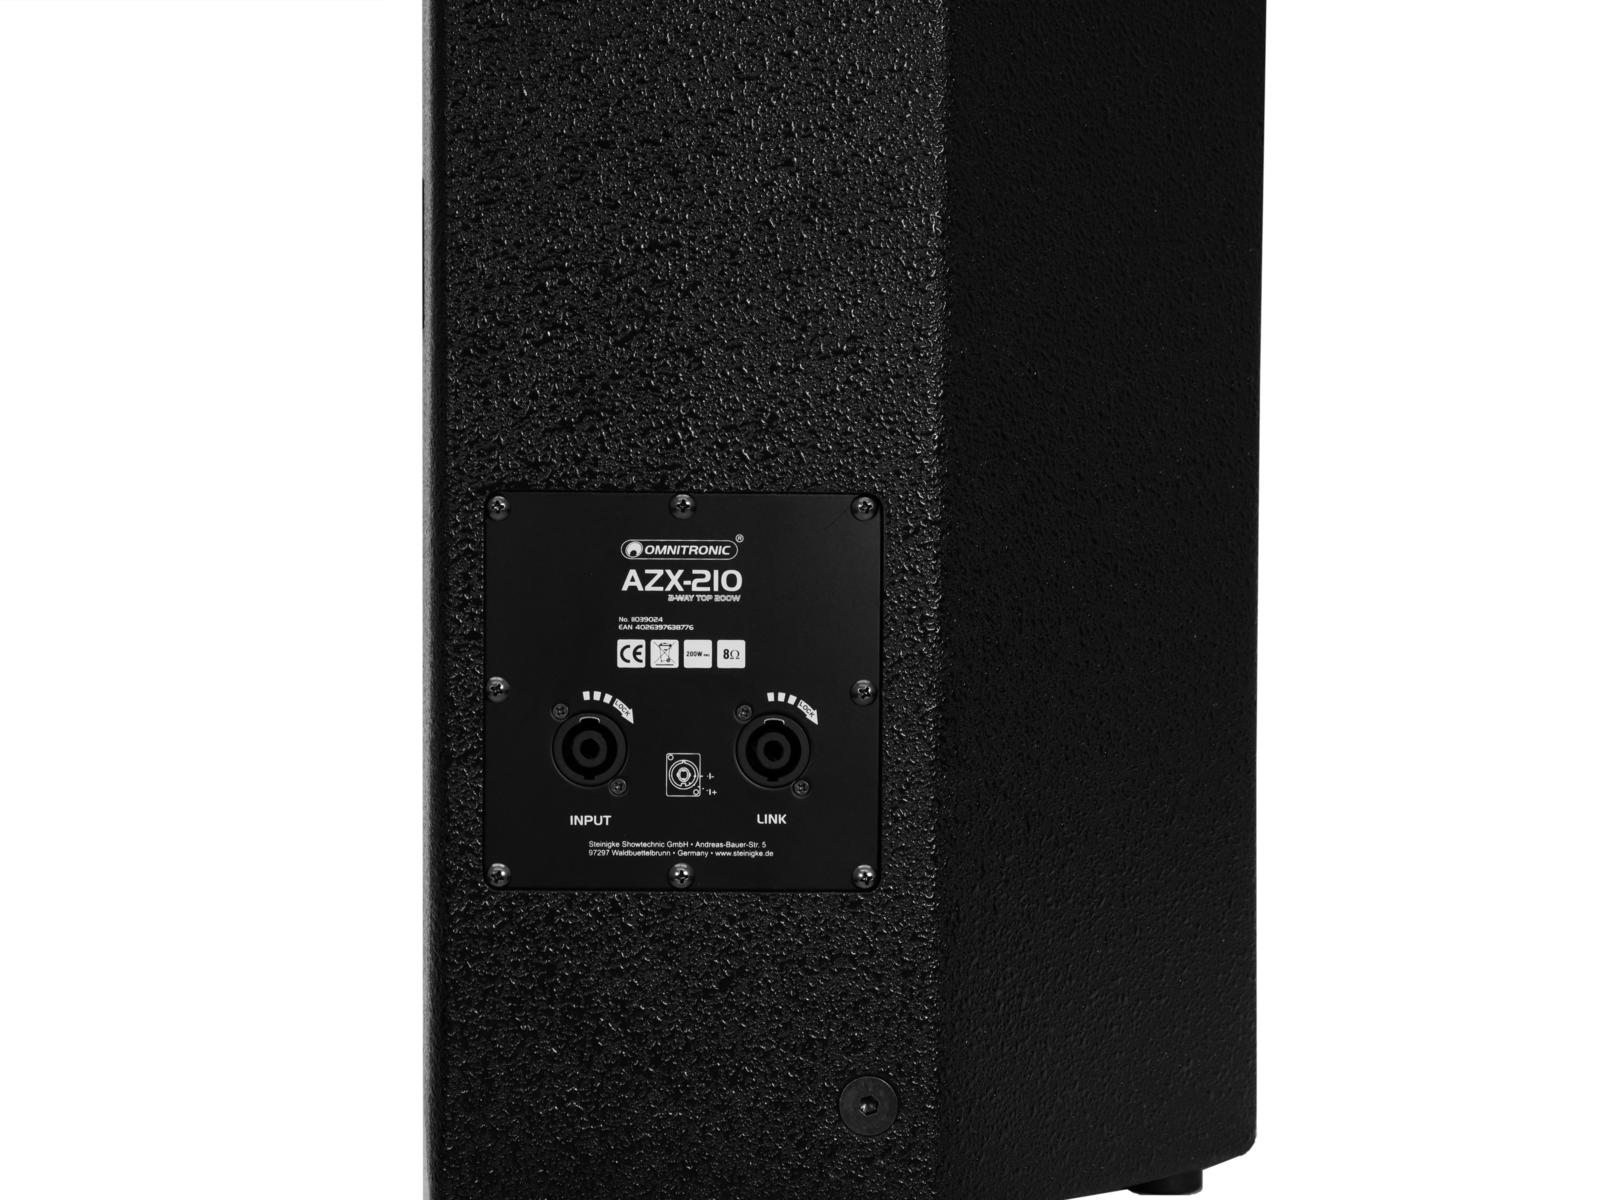 OMNITRONIC AZX-210 2-Wege Top 200W